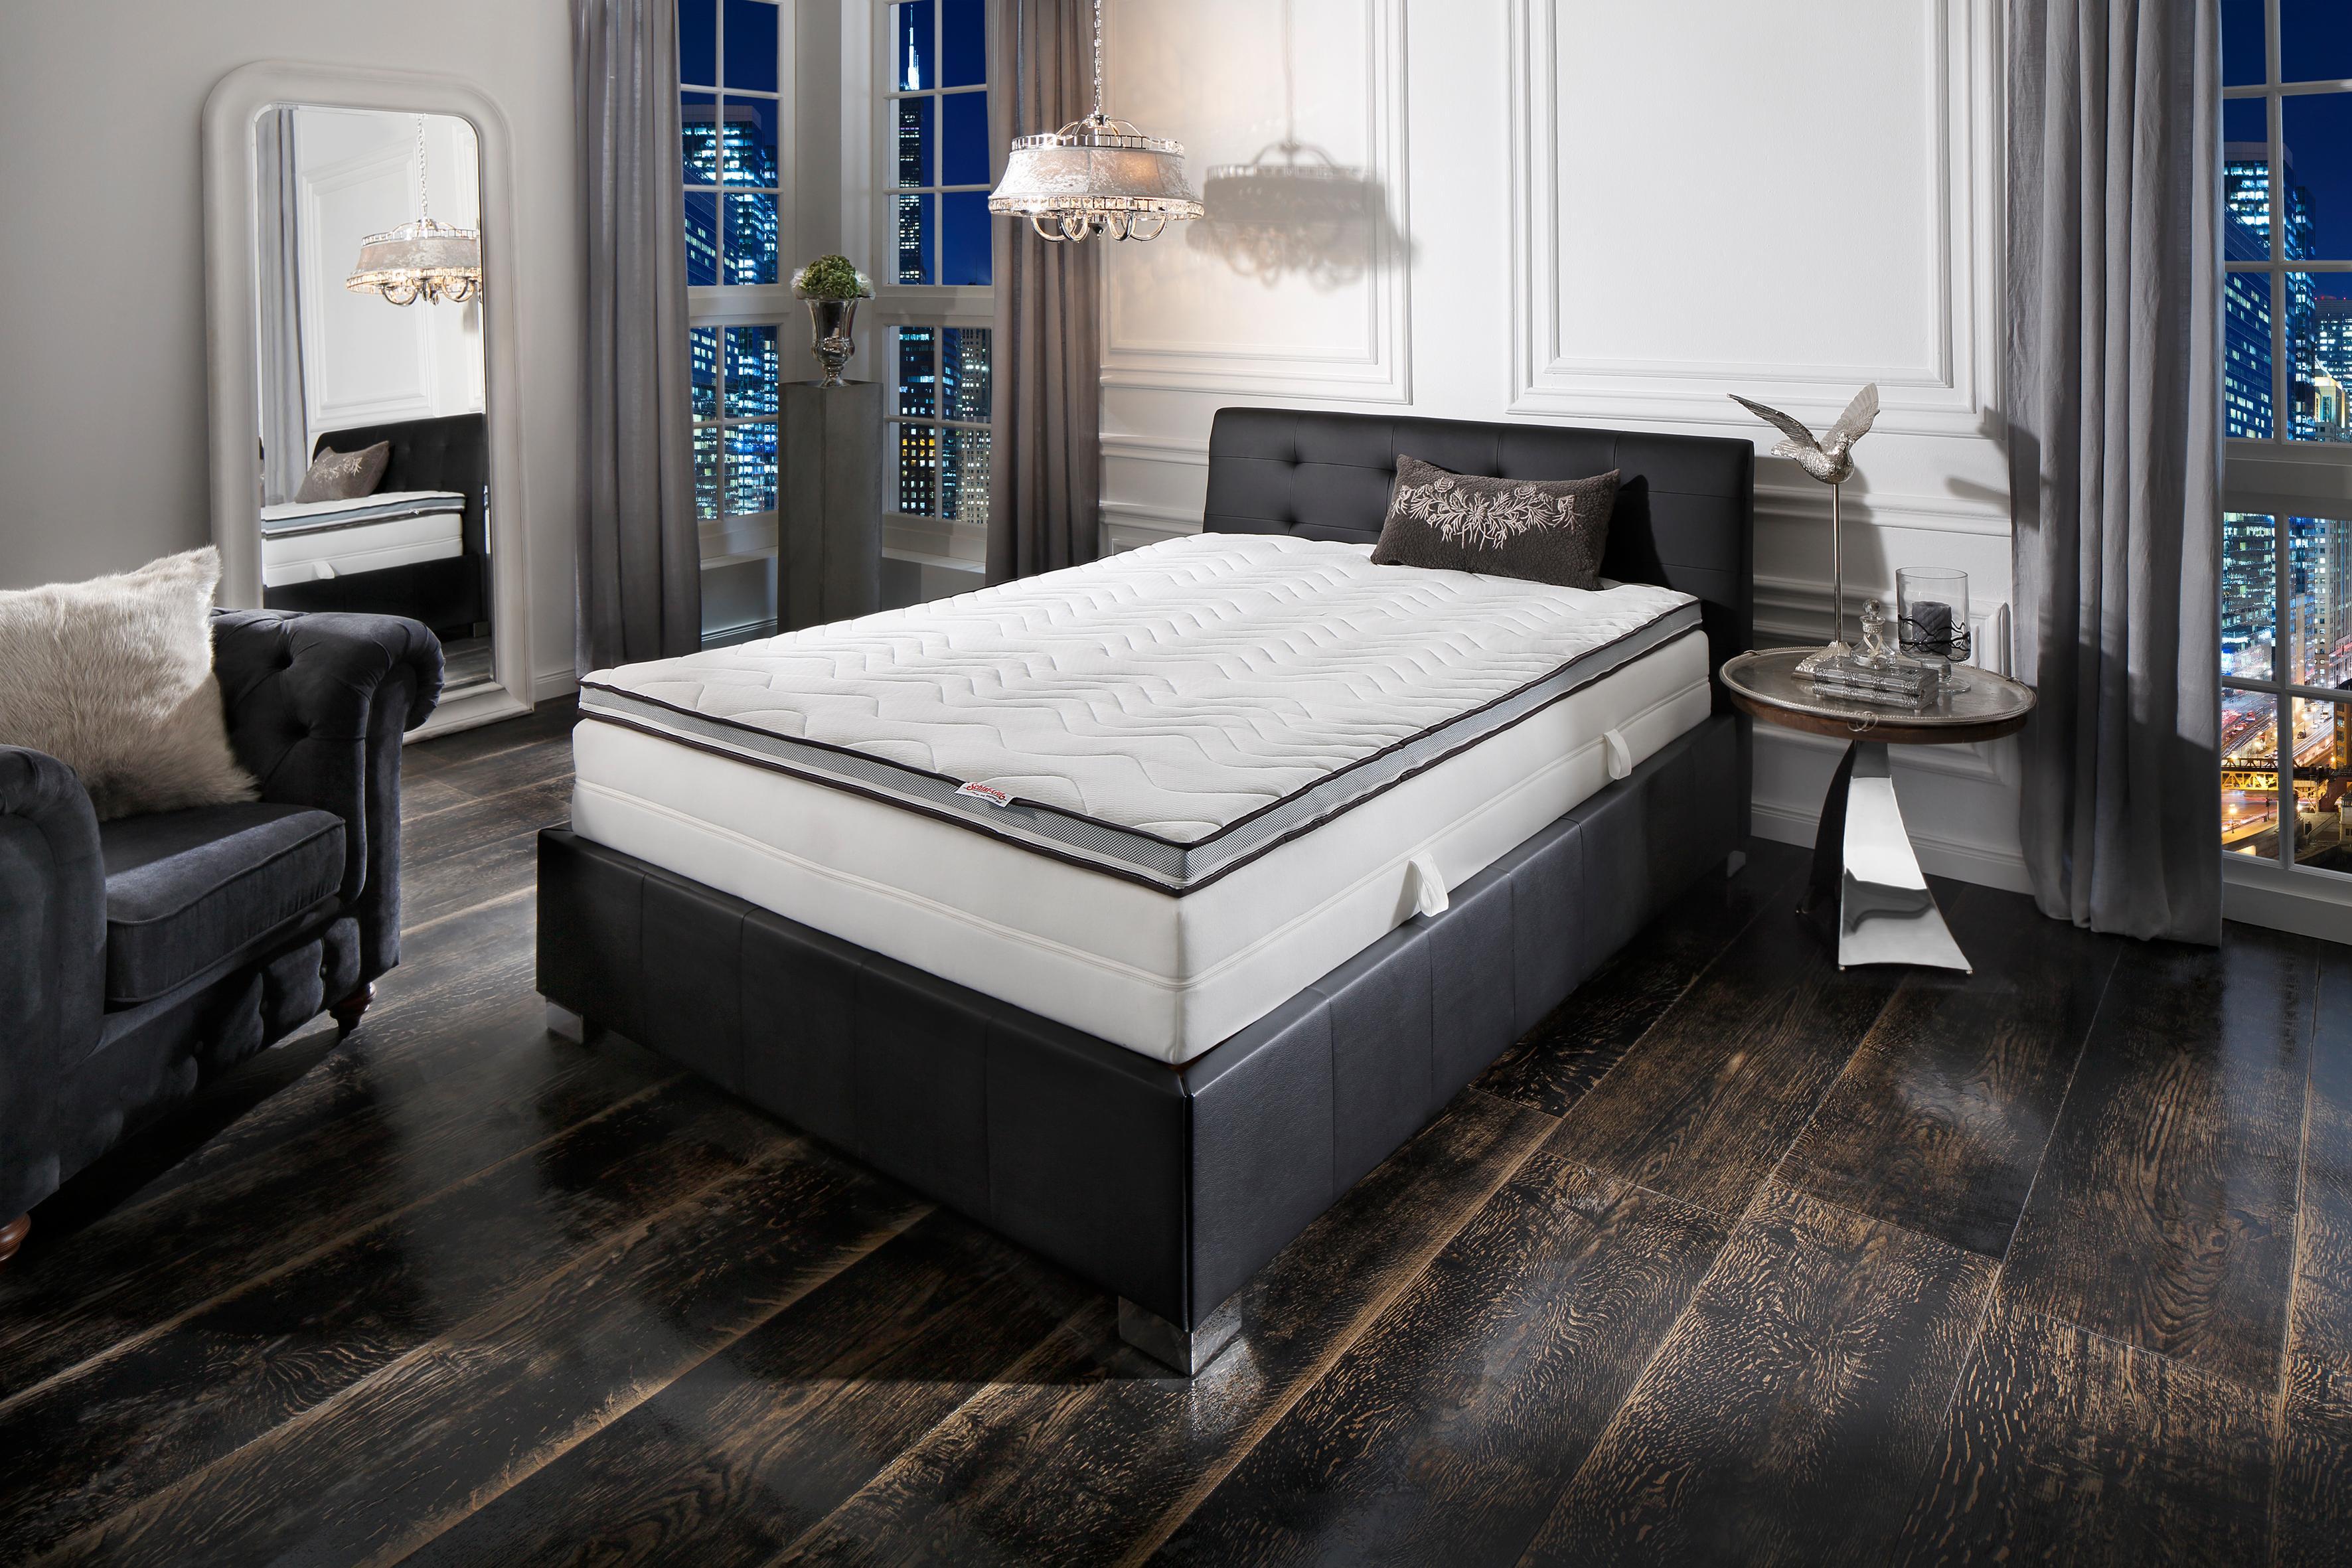 Topper Schlaf-Gut Premium TKS Schlaf-Gut 8 cm hoch Raumgewicht: 35 | Schlafzimmer > Matratzen > Kaltschaum-matratzen | Weiß | Schlaf-Gut